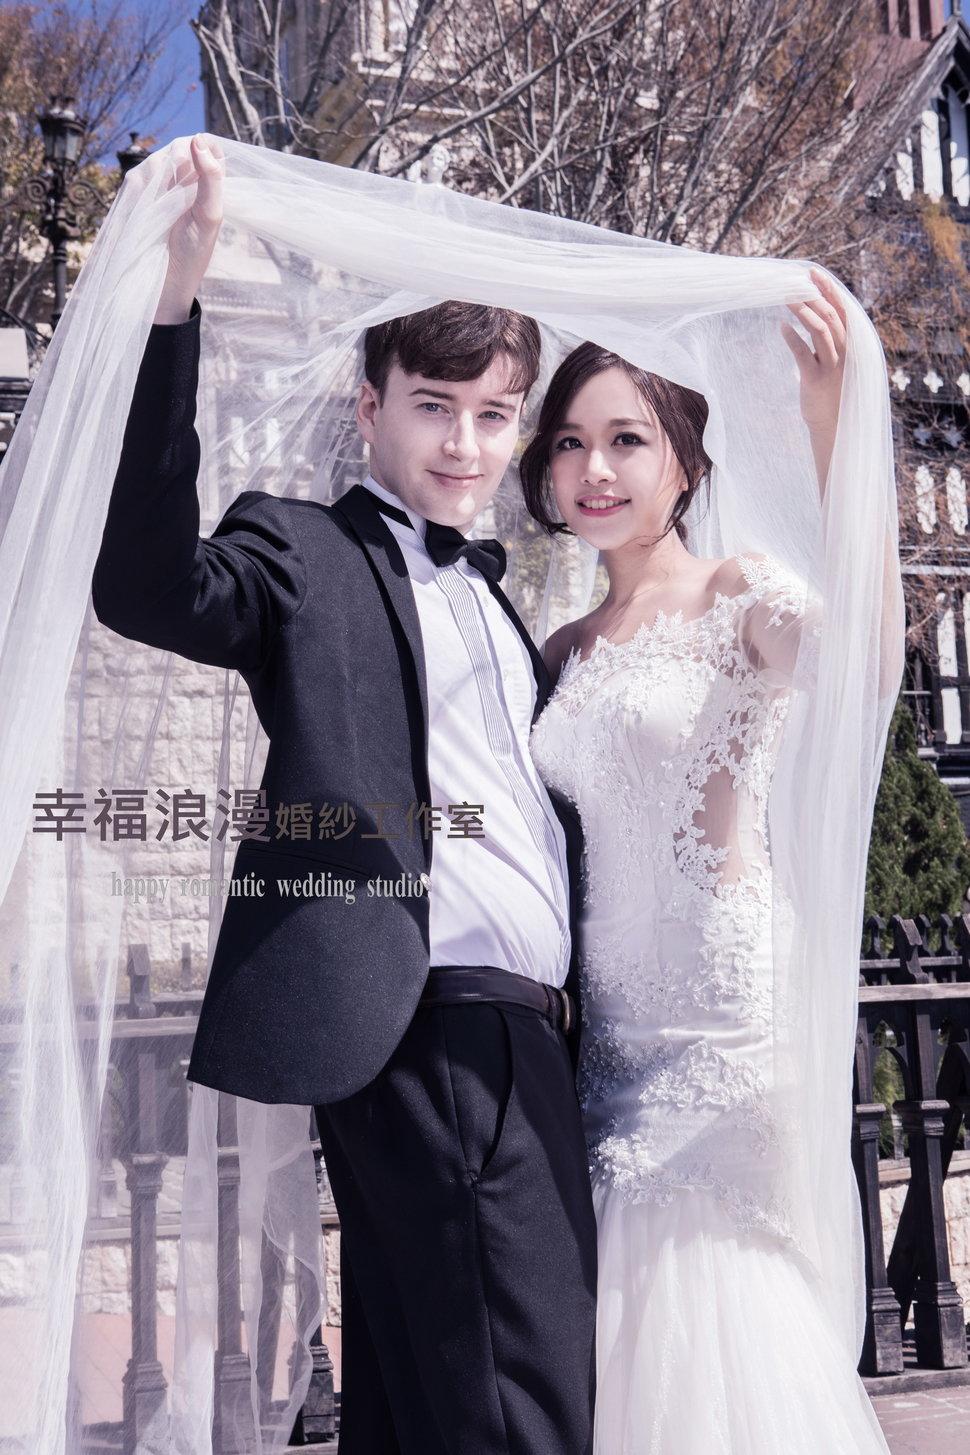 5G3A6910~1_調整大小 - 幸福浪漫婚紗工作室 韓式婚紗攝影《結婚吧》